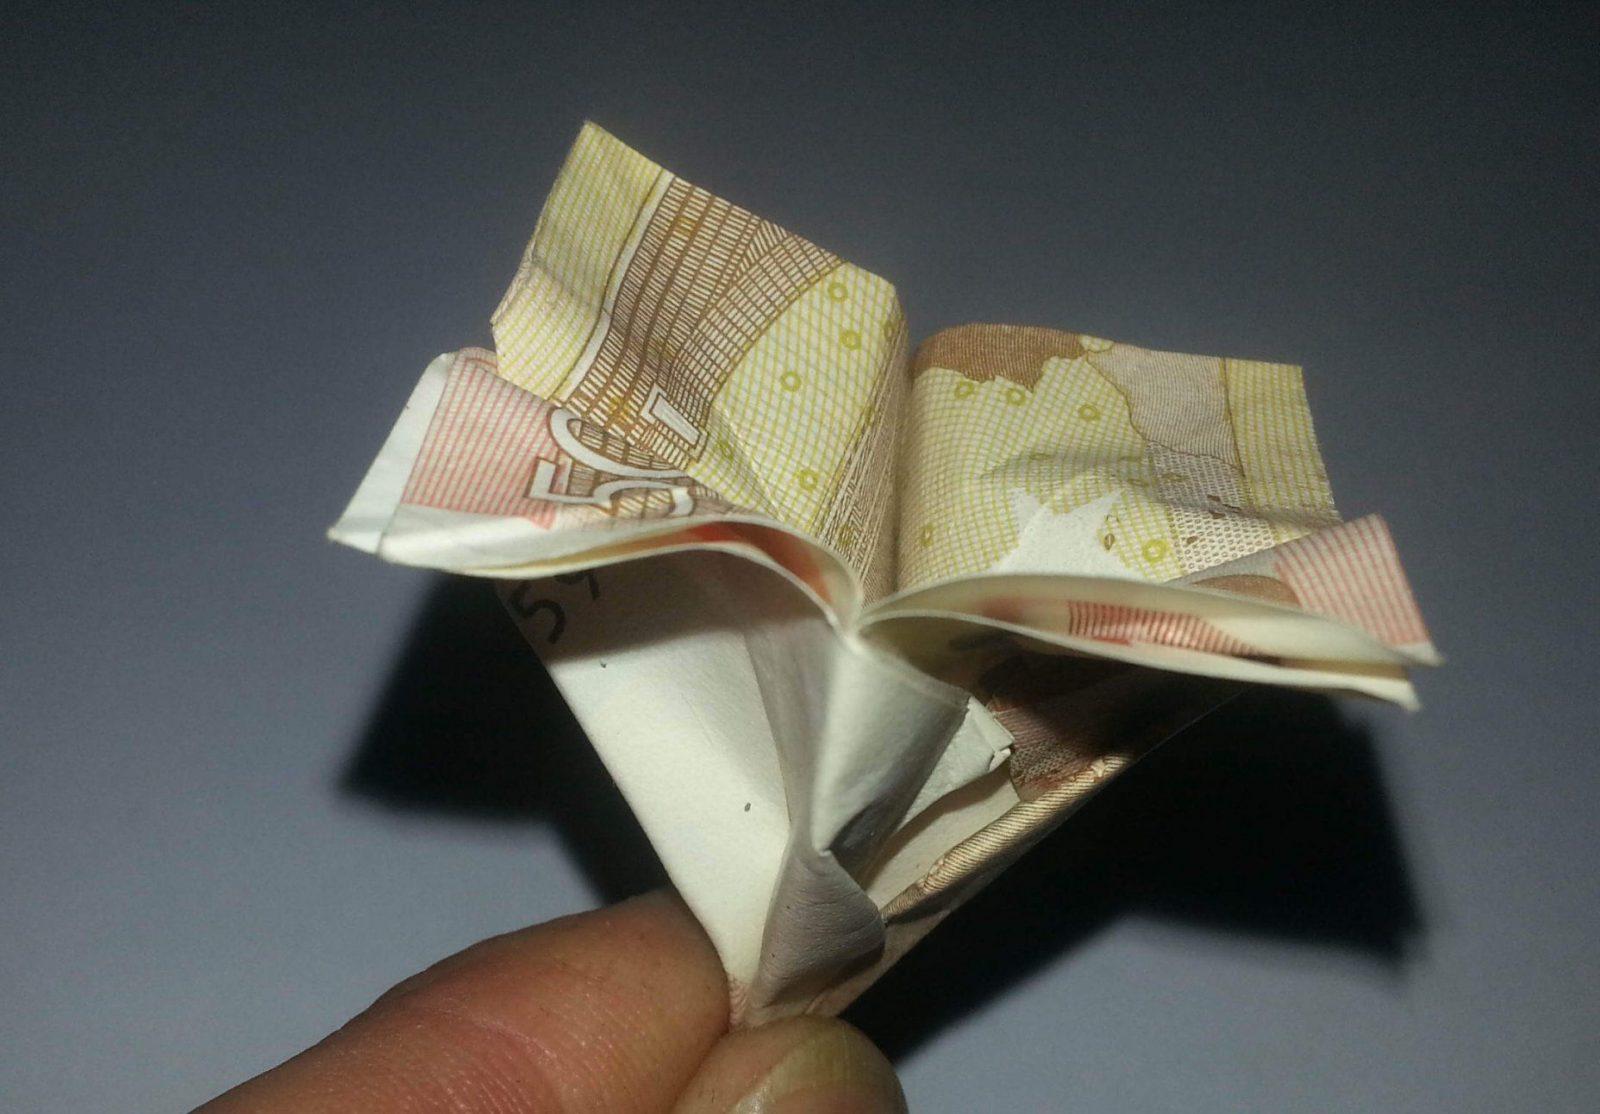 Blume Aus Einem Geldschein Falten  Origami Mit Geldscheinen von Geldscheine Falten Blume Mit Einem Schein Bild